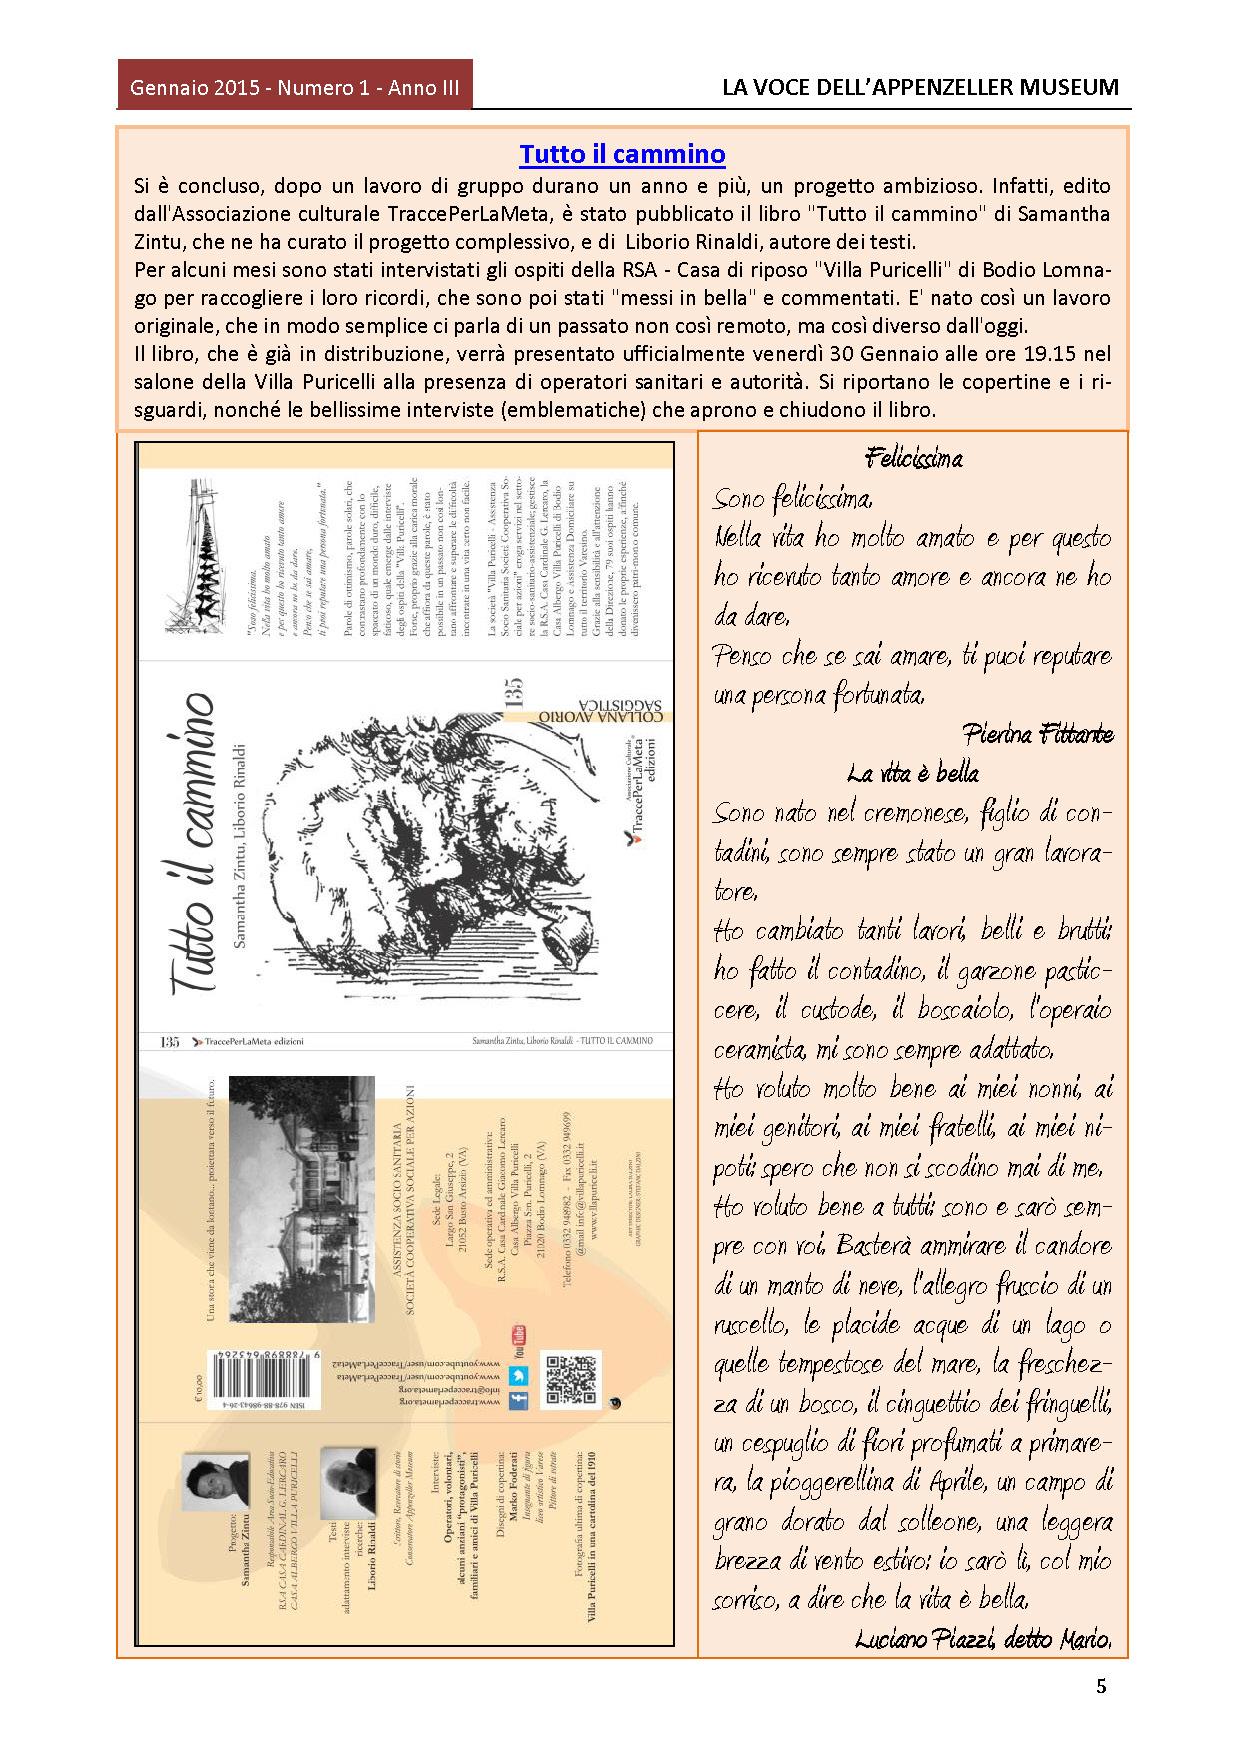 2015 01 01 La Voce_Pagina_5